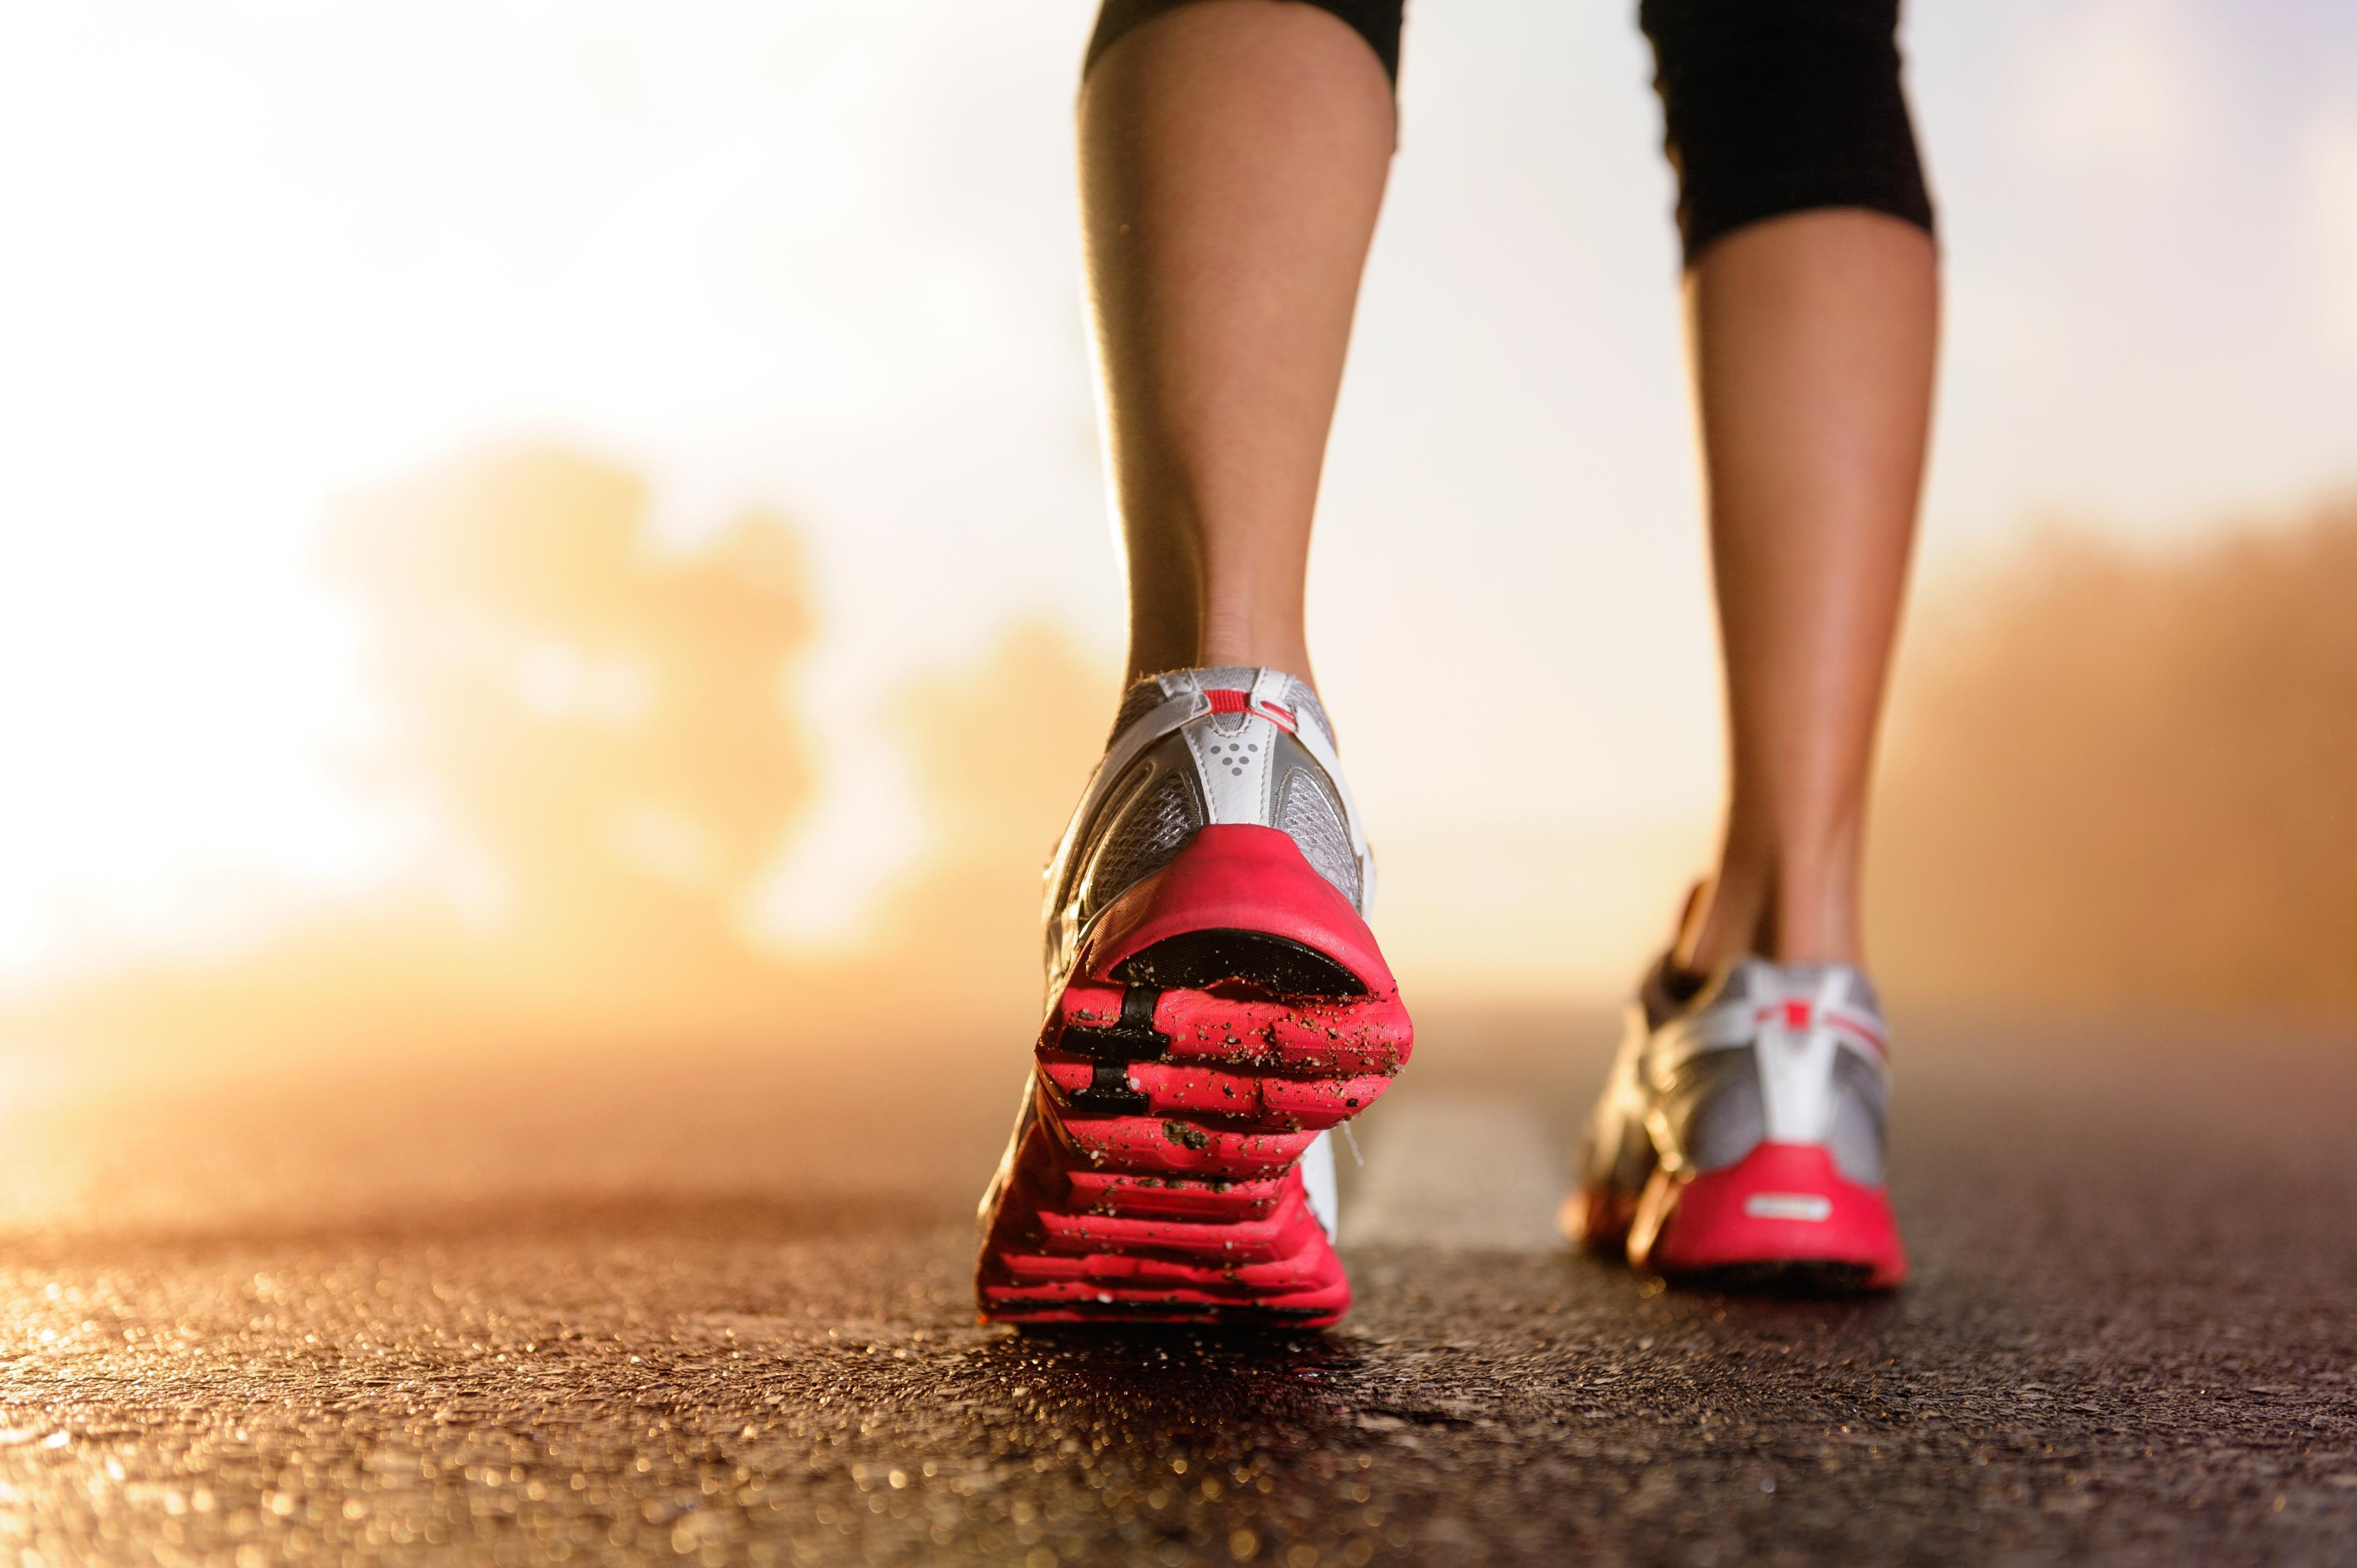 Excesso de Peso e Sedentarismo? Comece Caminhando